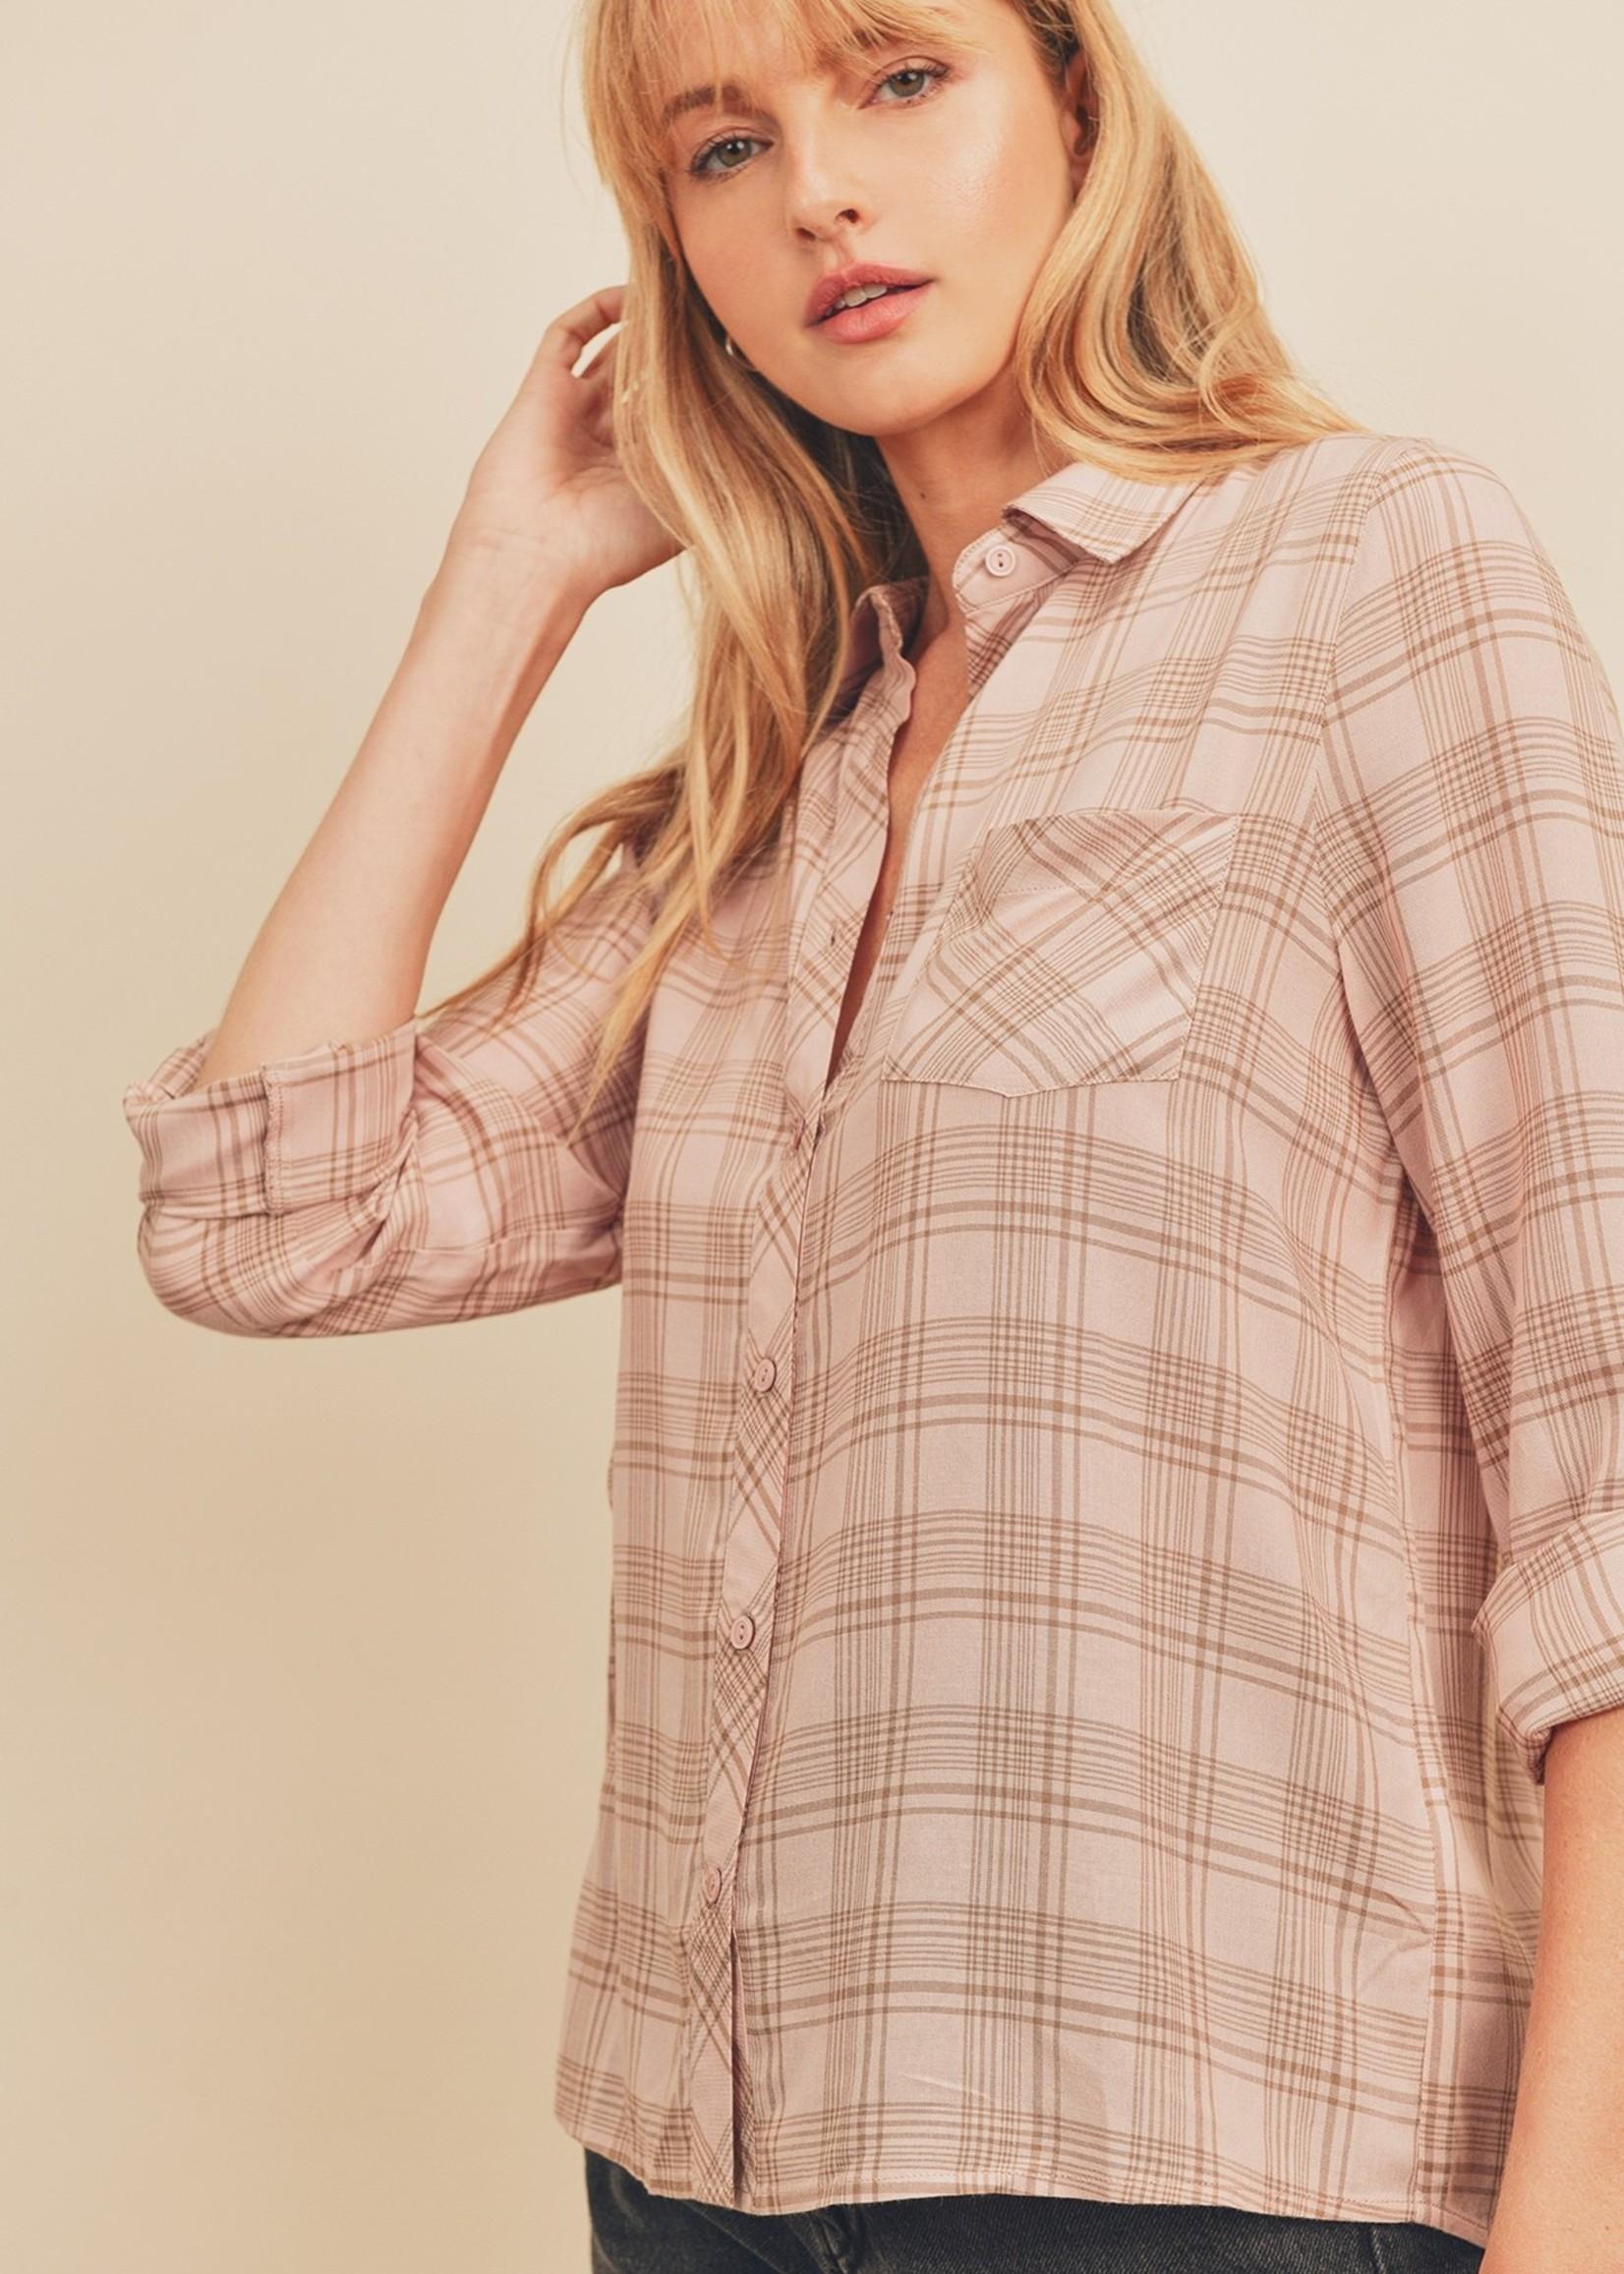 Plaid Button Down Shirt - Blush/Taupe